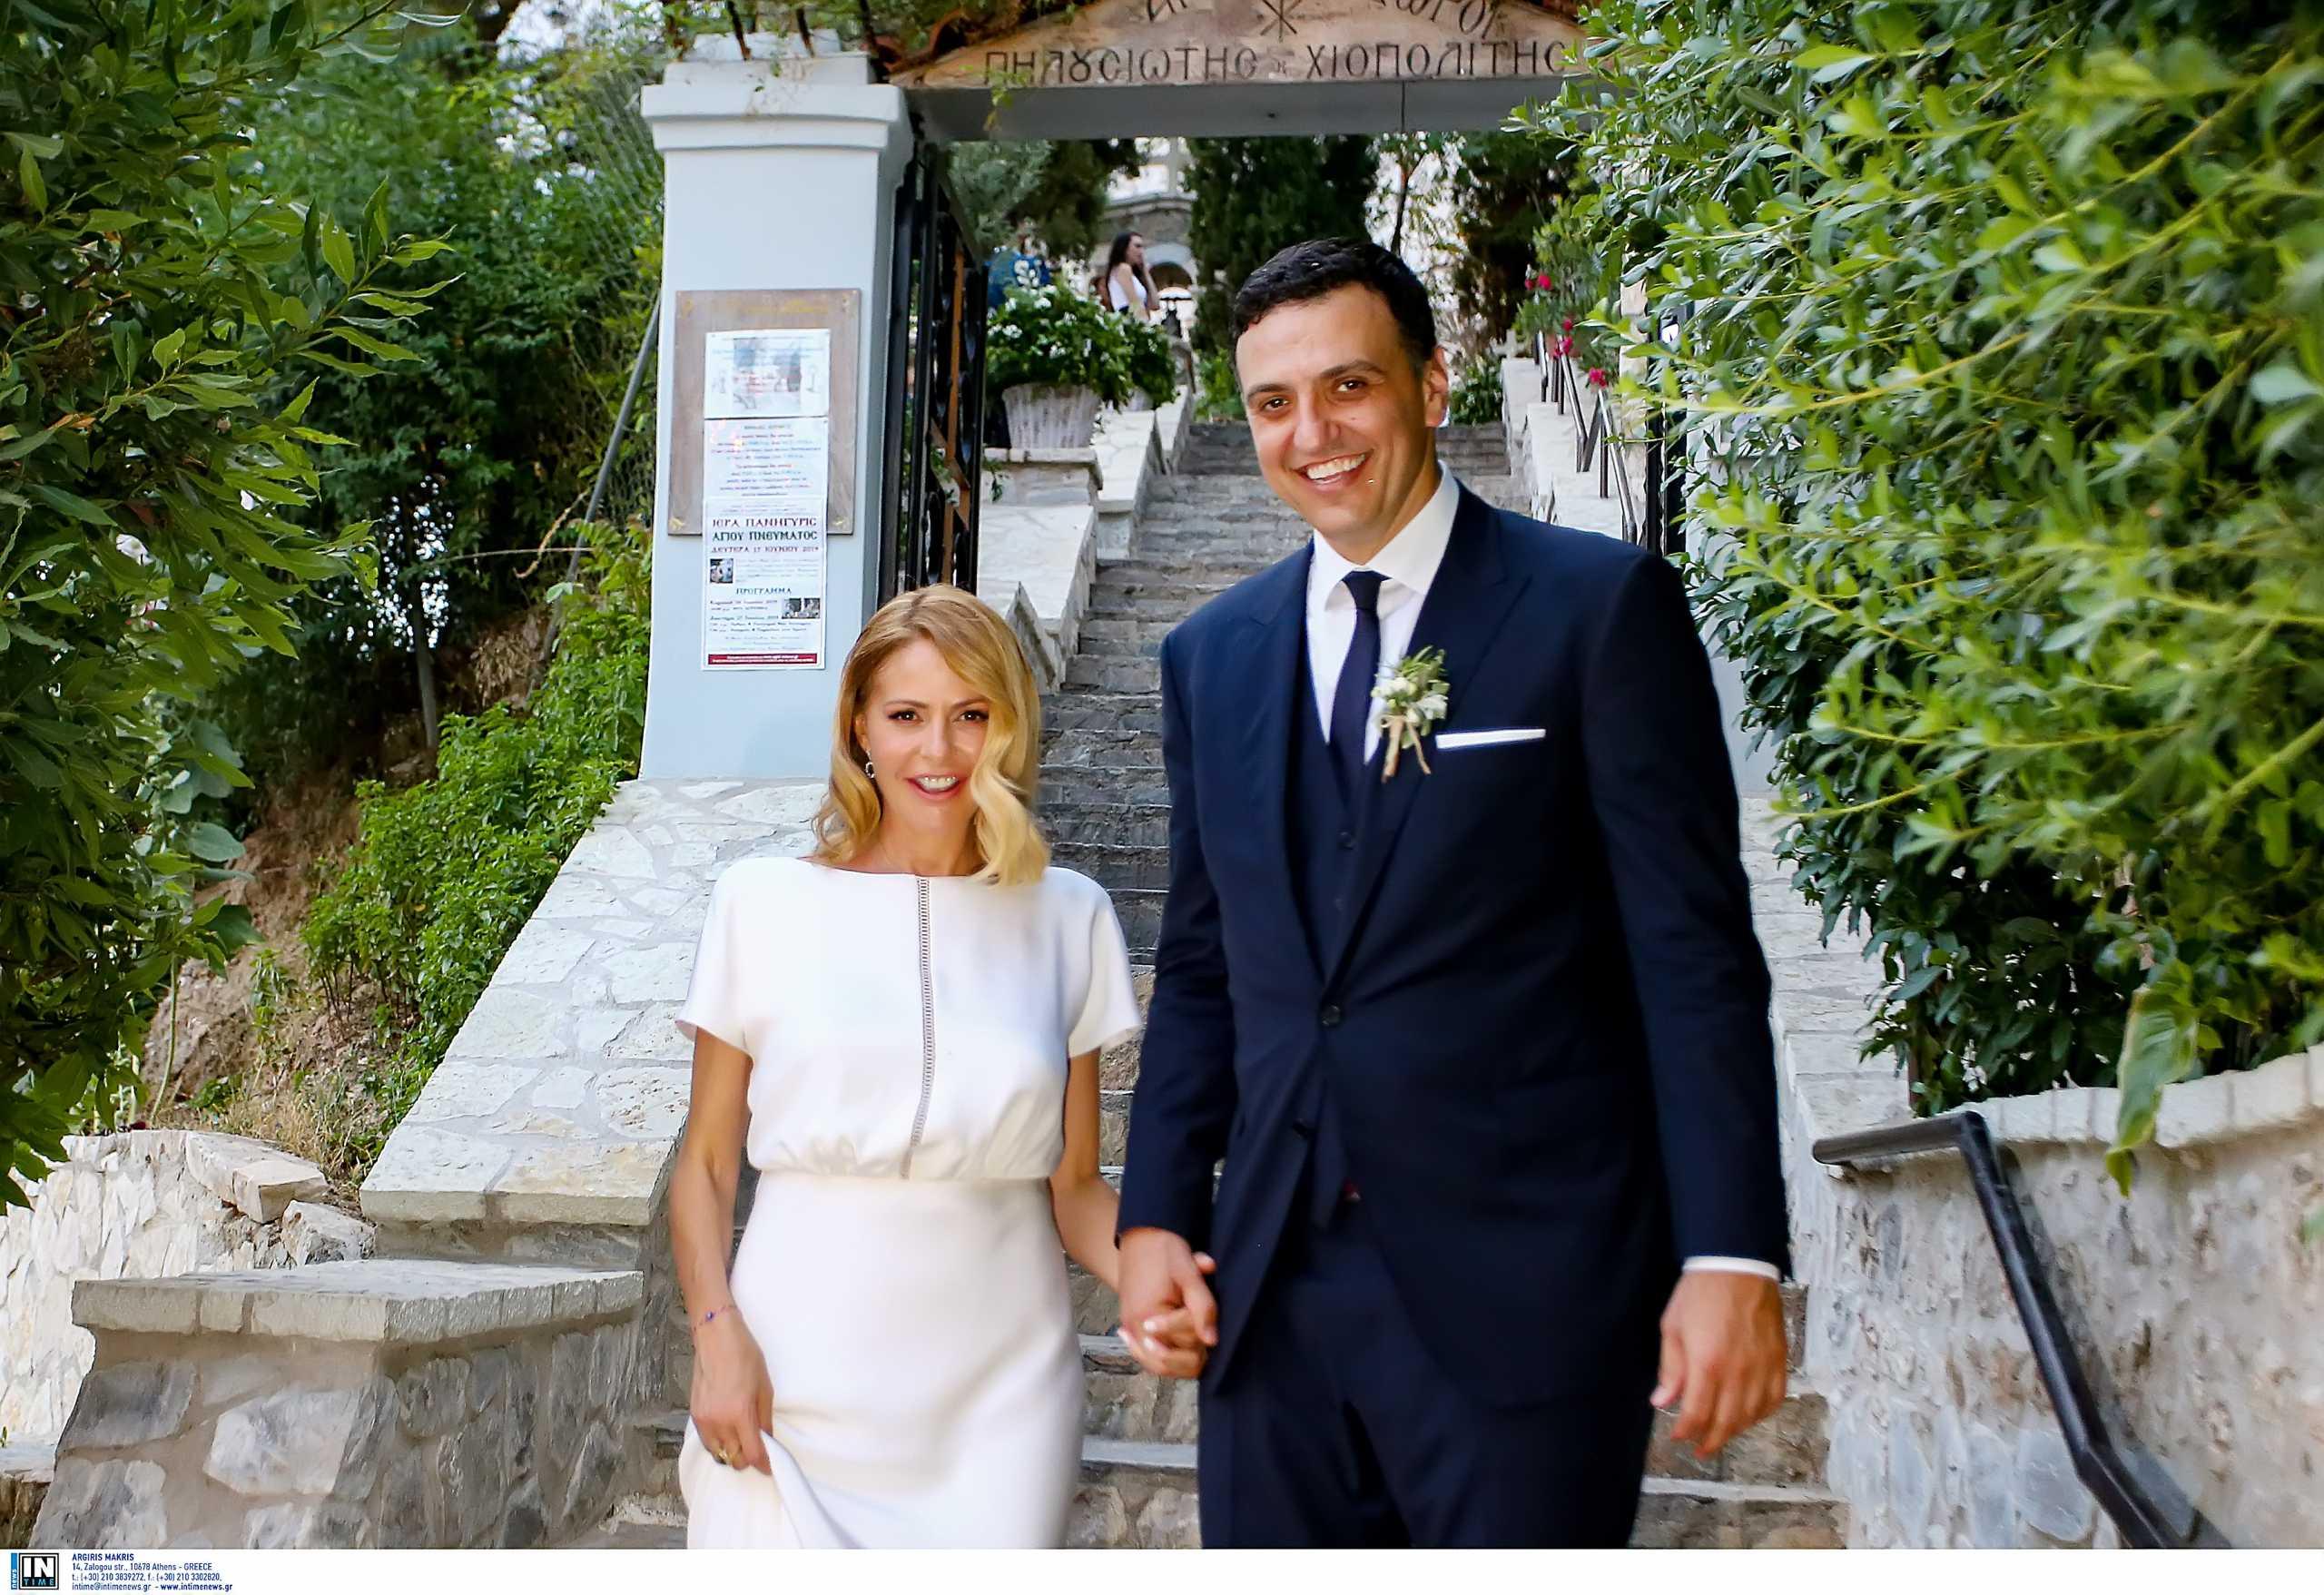 Βασίλης Κικίλιας και Τζένη Μπαλατσινού